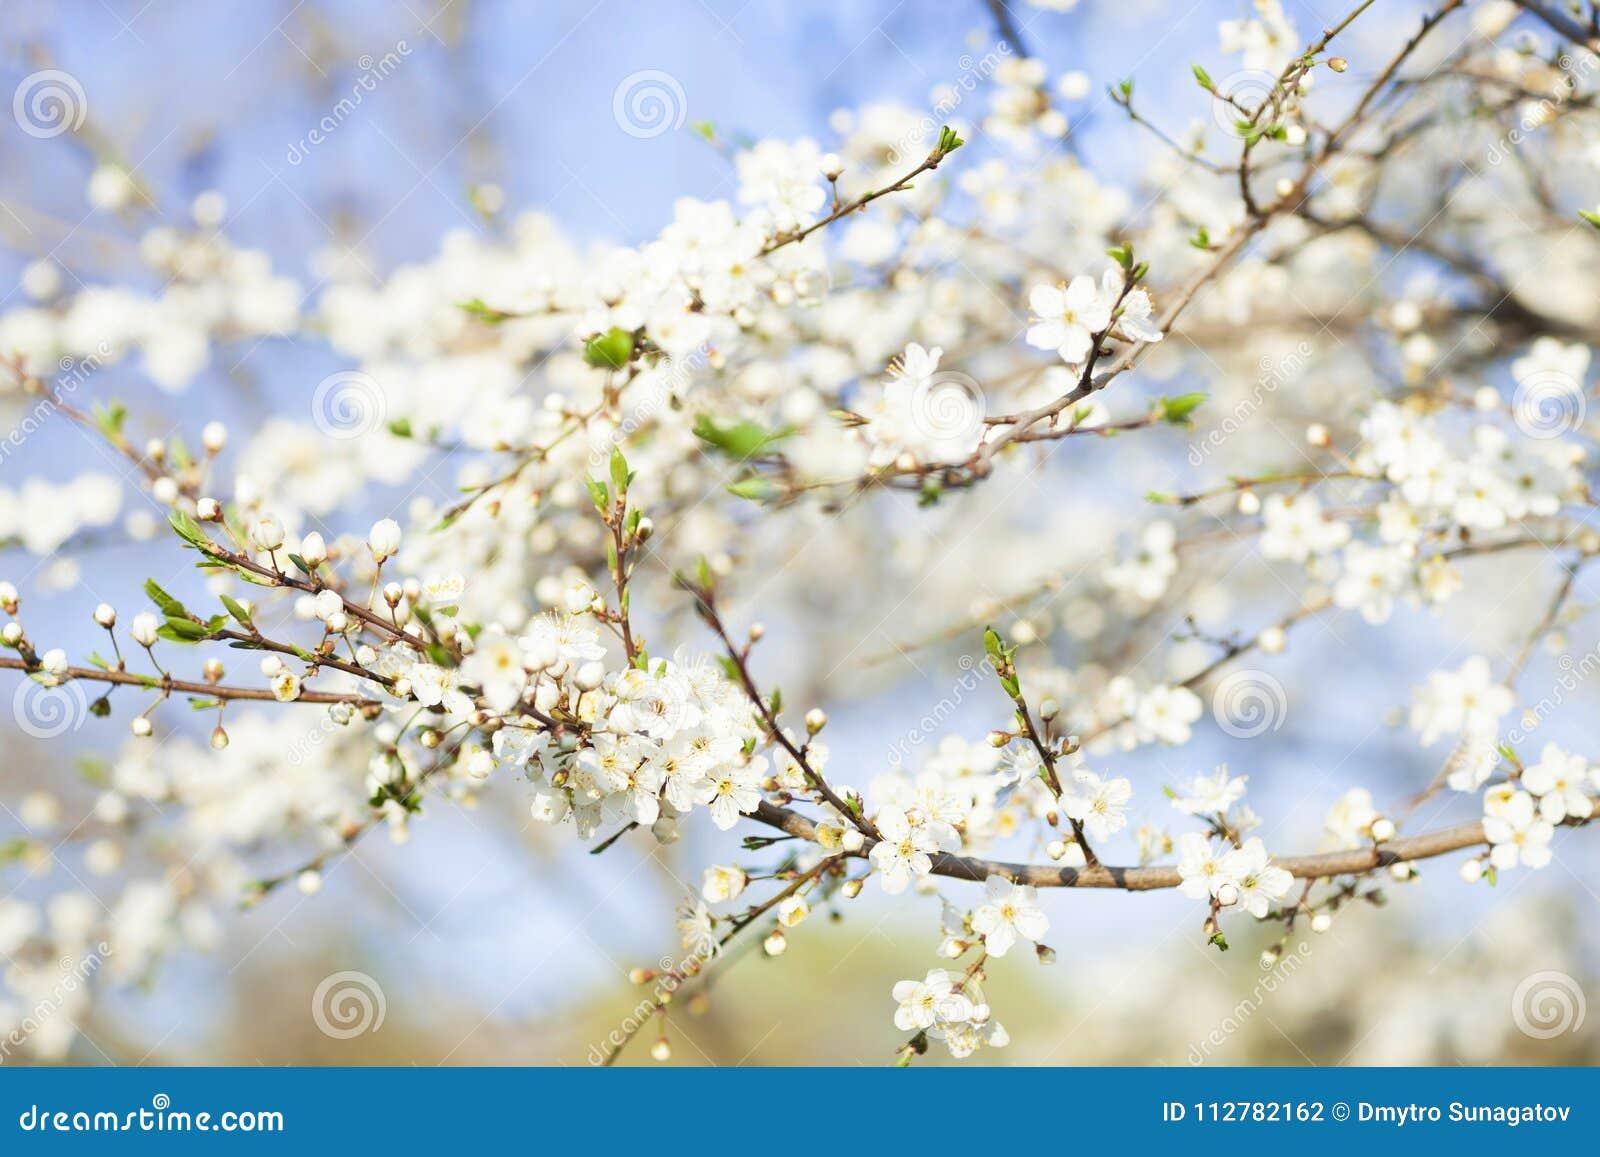 Fiori Bianchi Di Primavera.Fondo Di Bellezza Di Primavera Fiori Bianchi Di Fioritura Degli